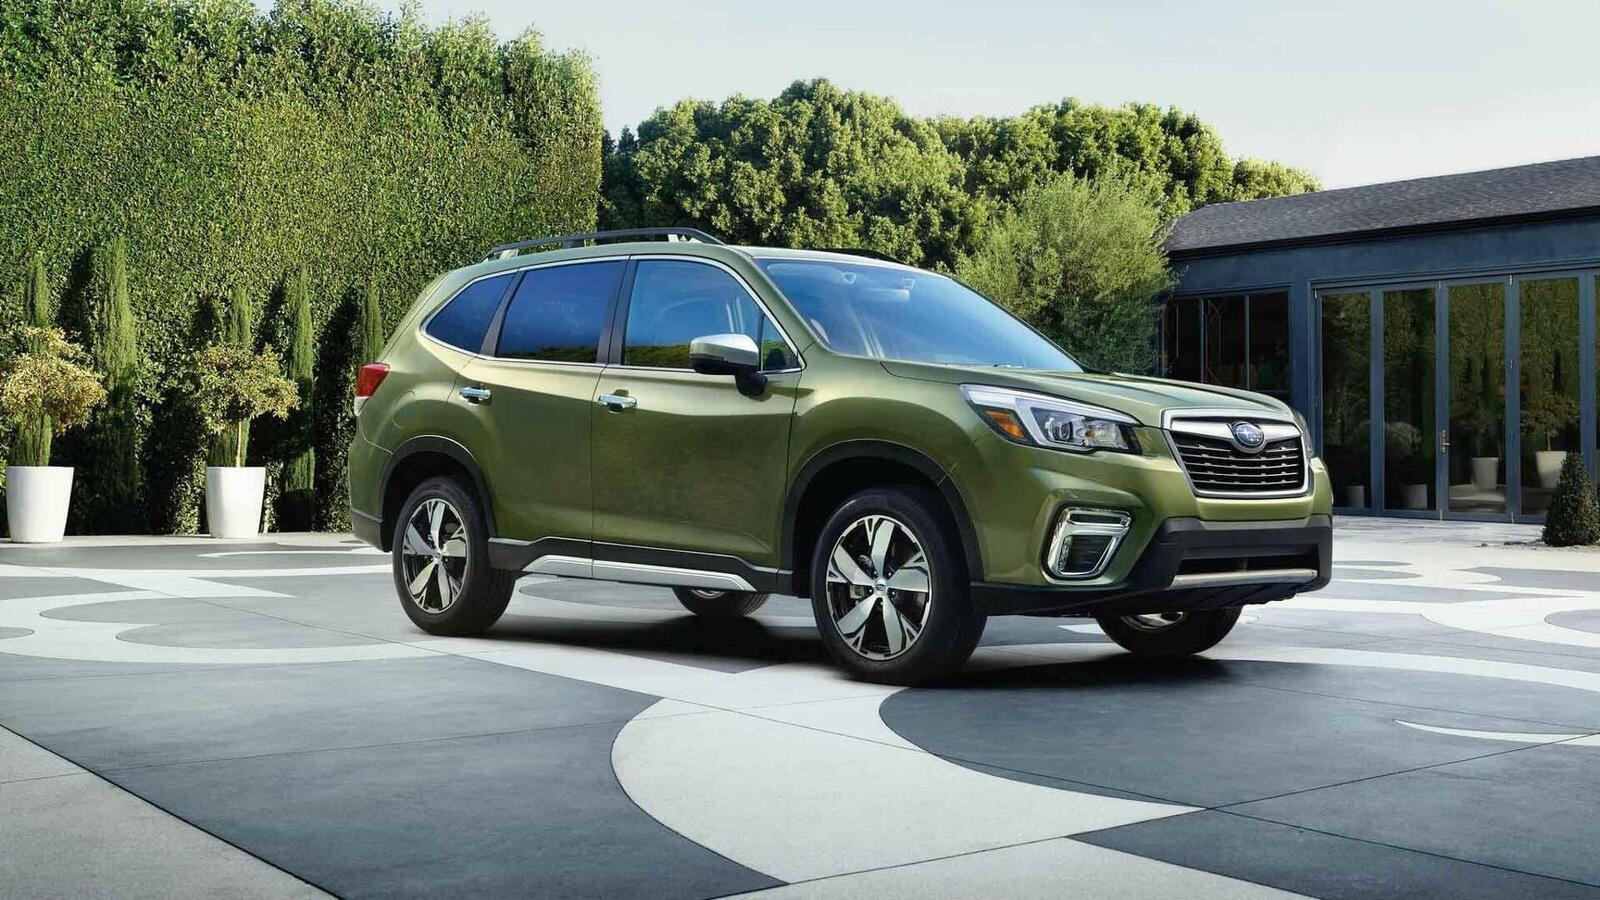 Subaru Forester 2019: Thay đổi nội ngoại thất, động cơ mạnh hơn, thêm nhiều phiên bản - Hình 7